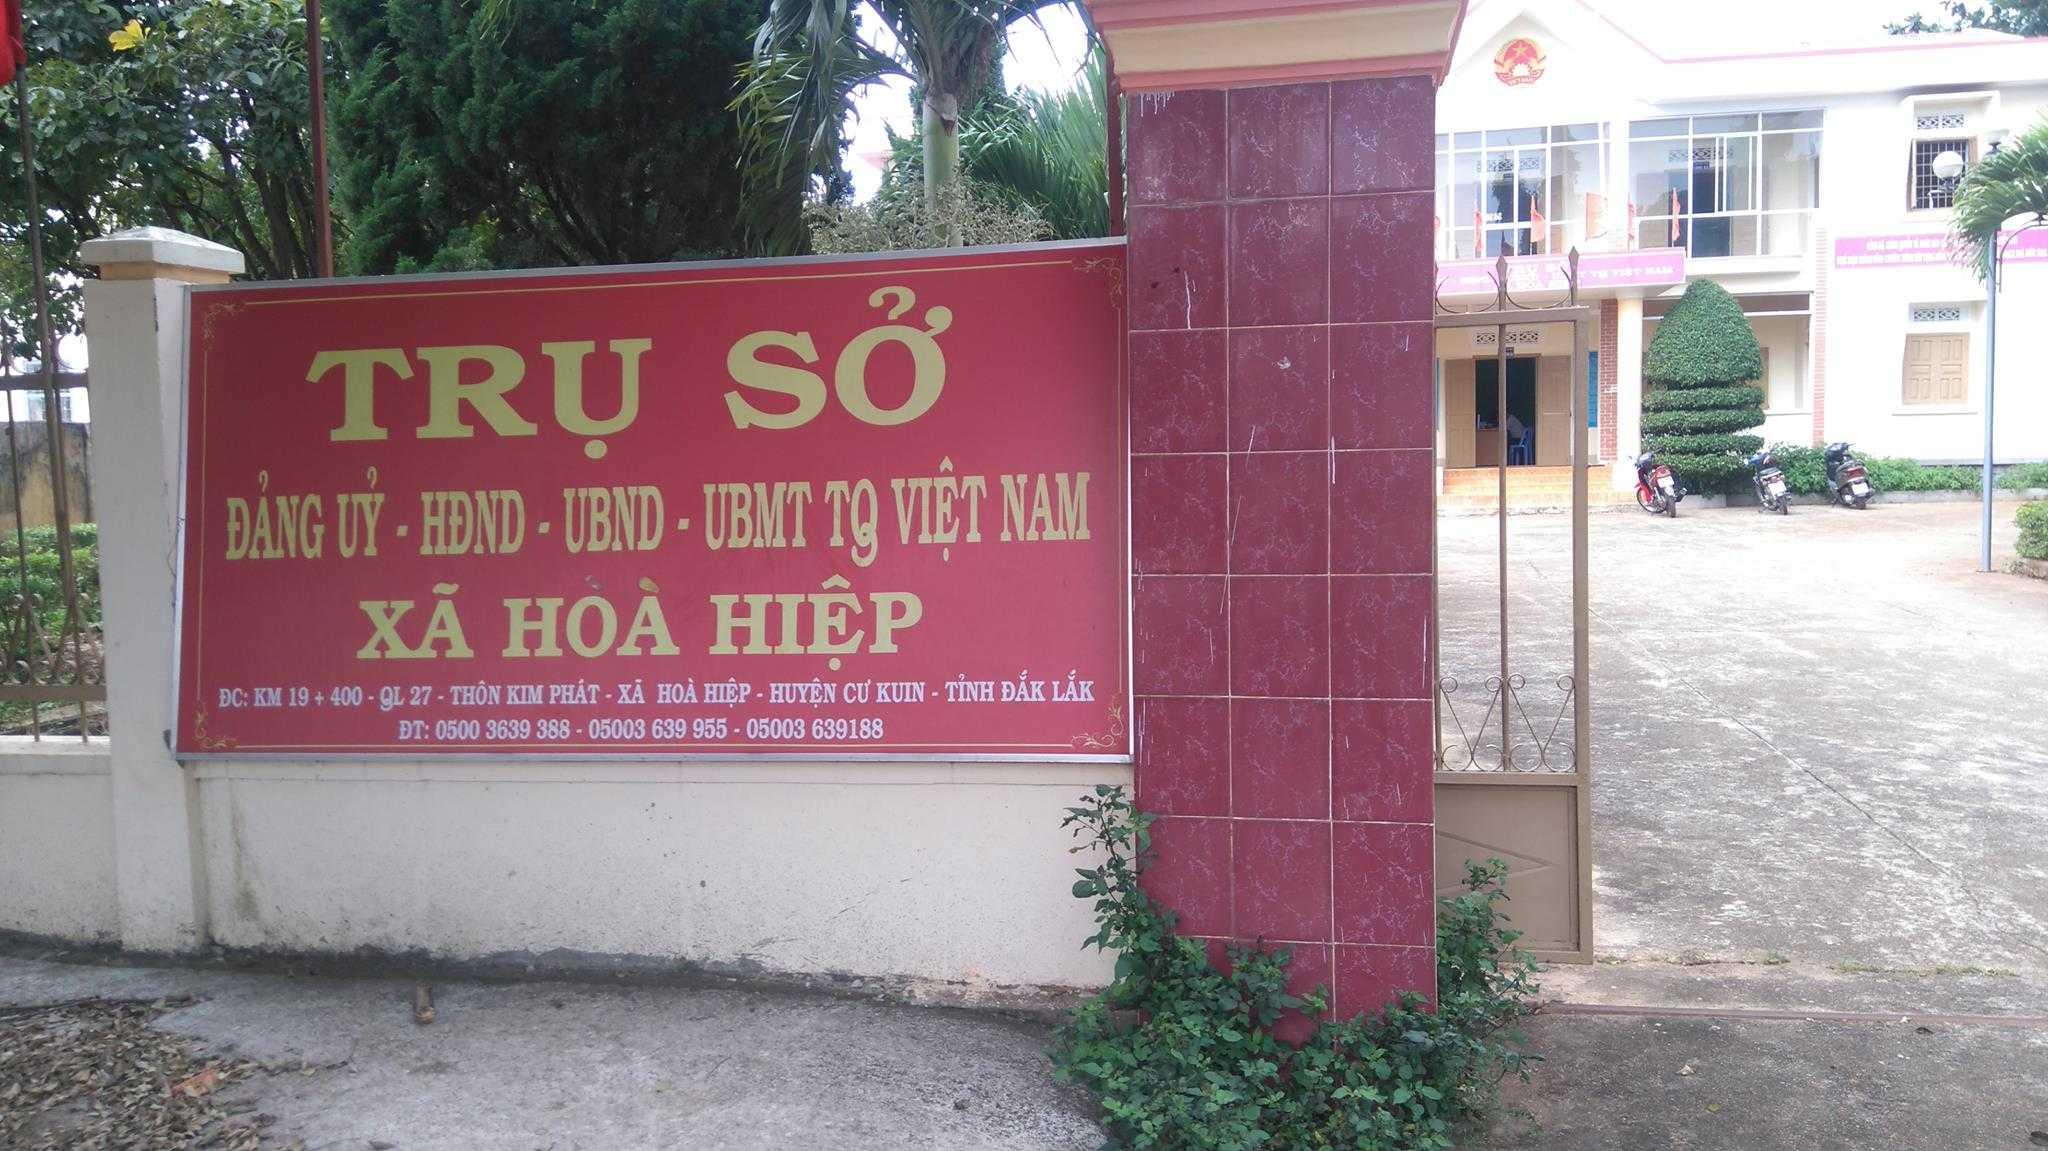 Trụ sở UBND xã Hoà Hiệp, huyện Cư Kuin, tỉnh Đắk Lắk